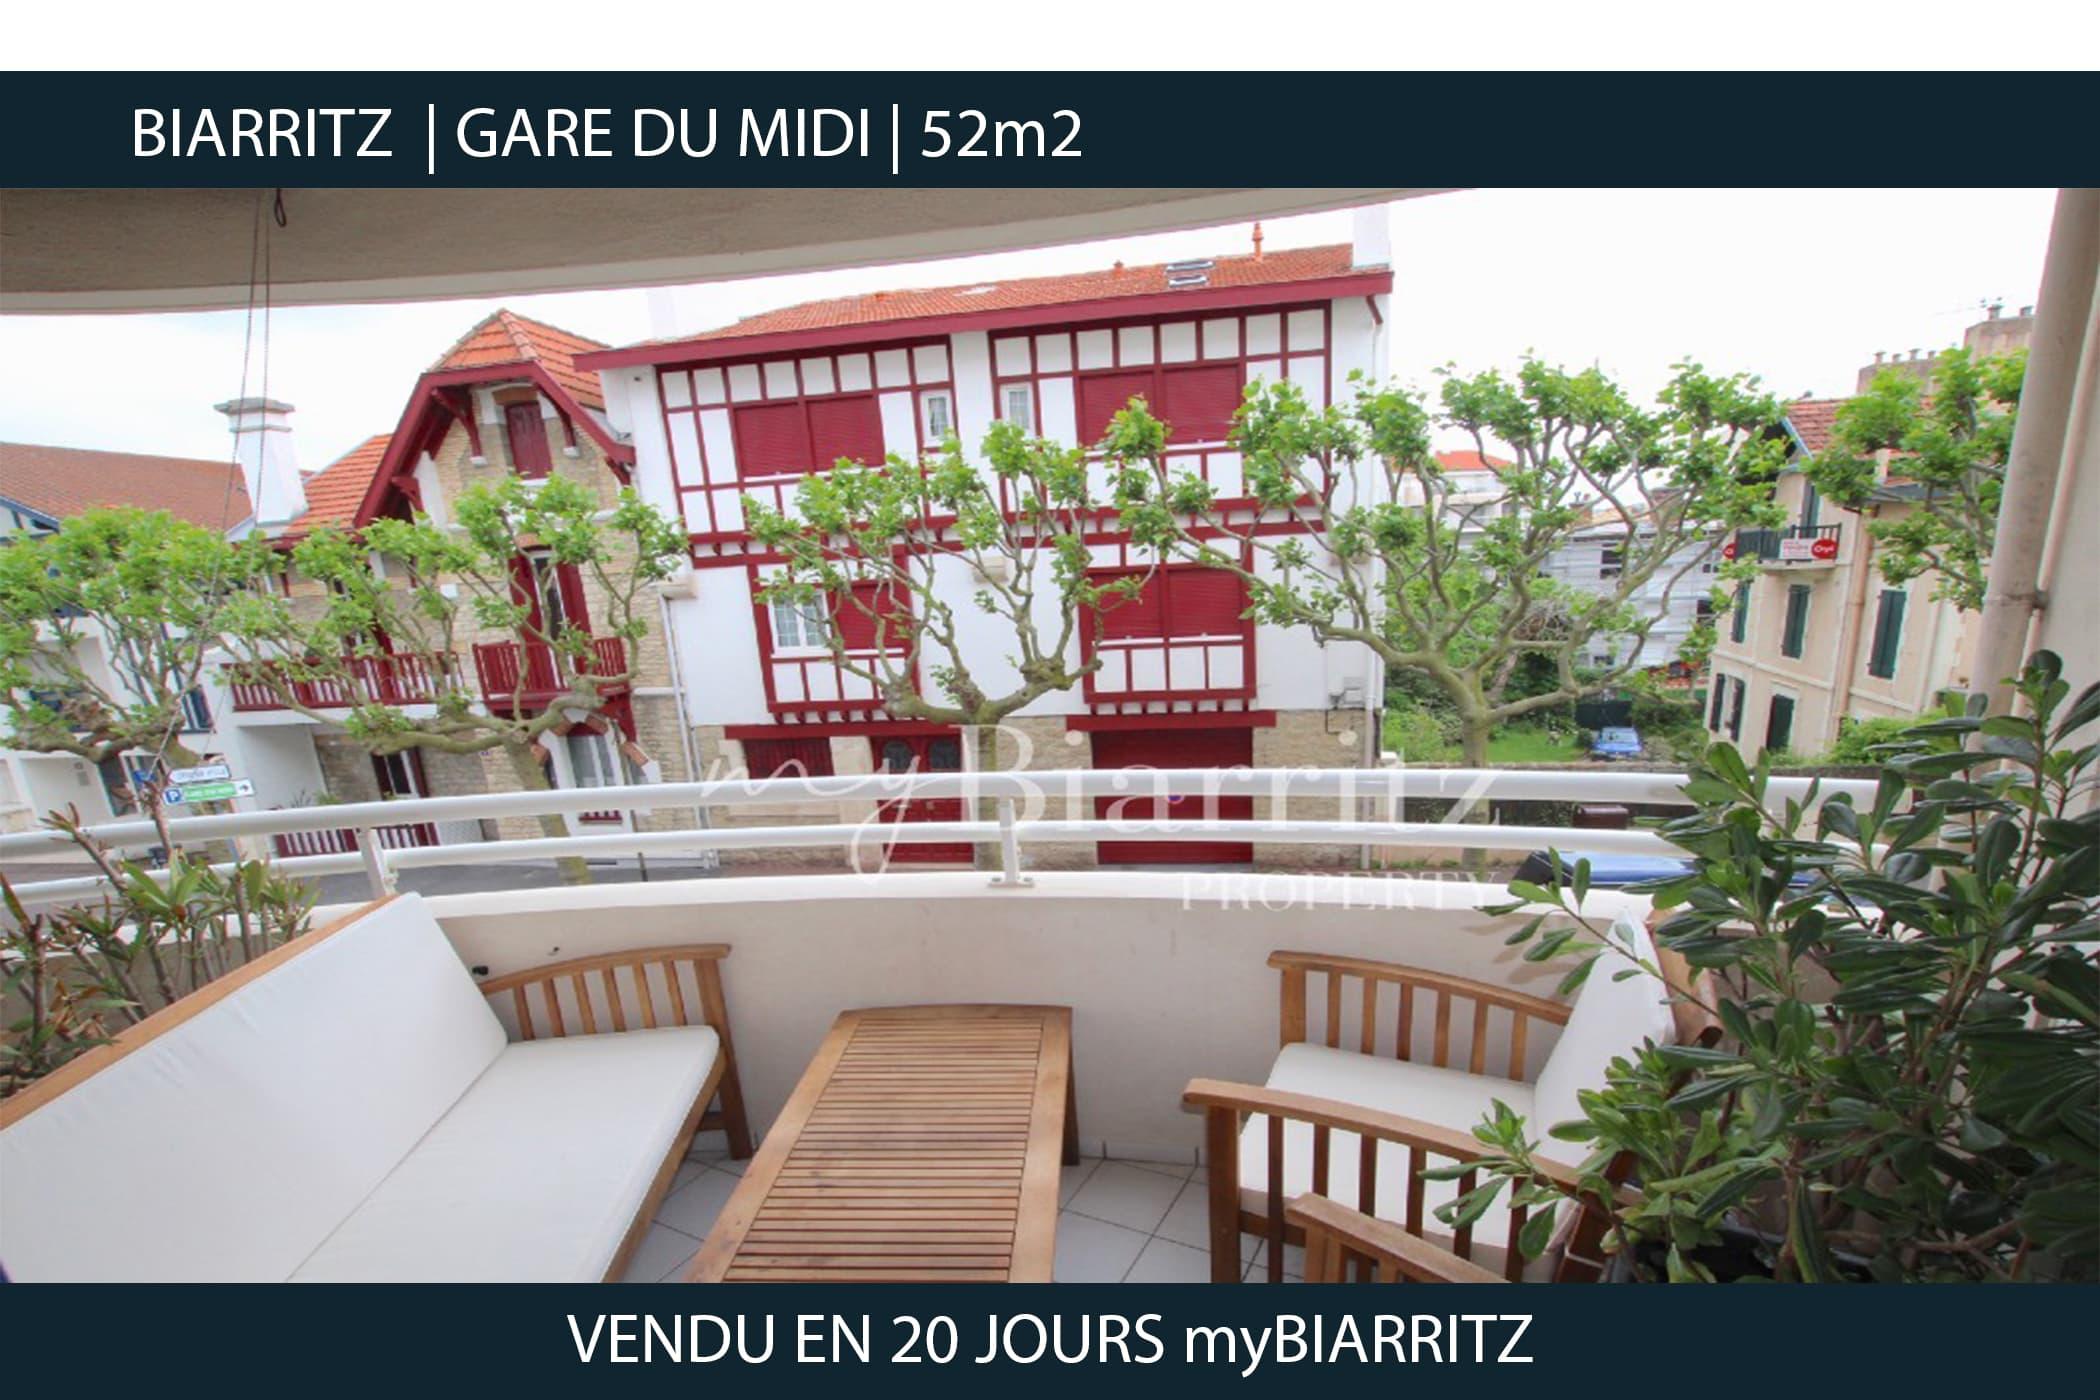 Biarritz - Gare du midi